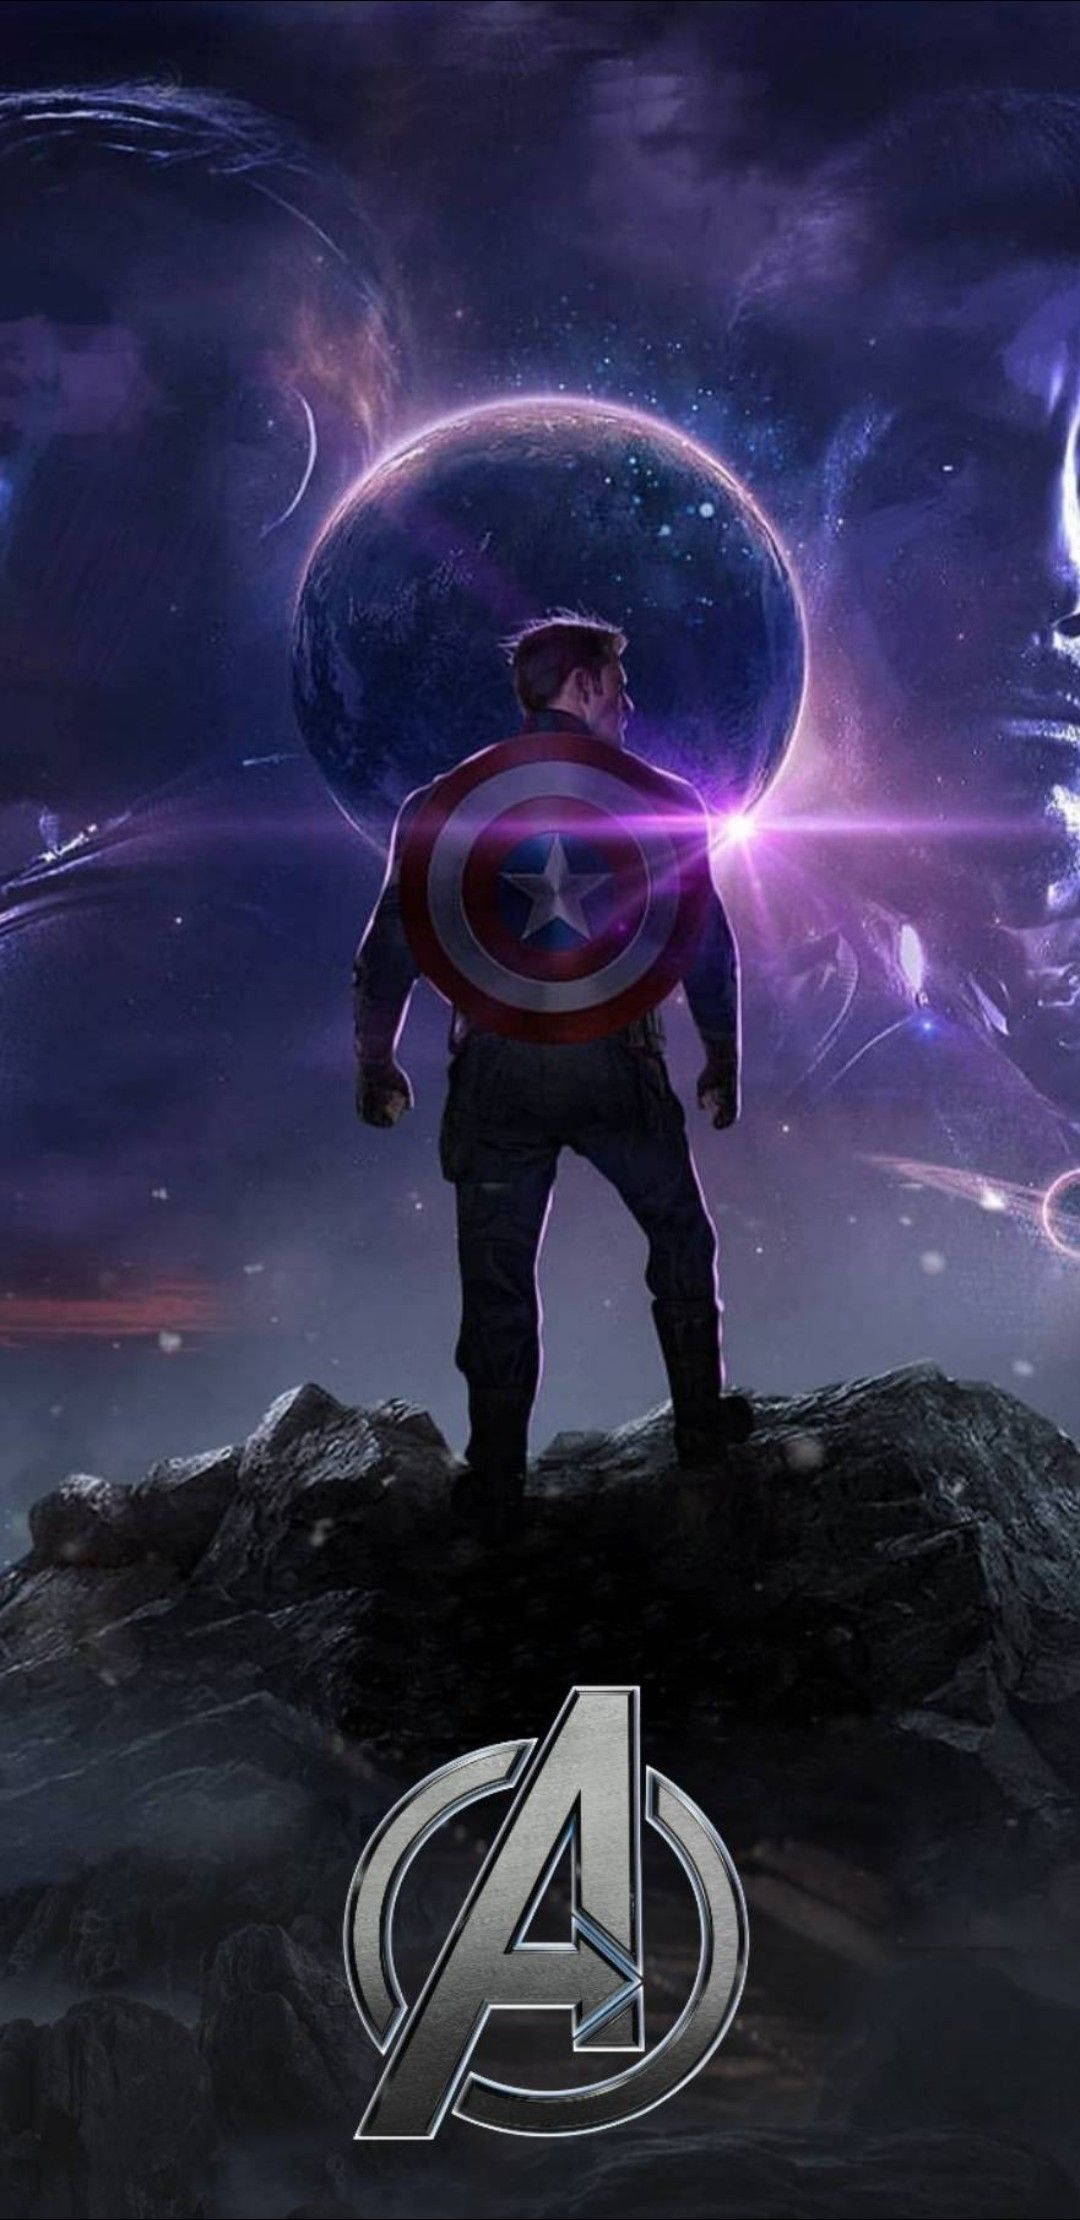 Avengers Endgame Wallpaper Fresh Avengers Endgame Wallpaper E280a2